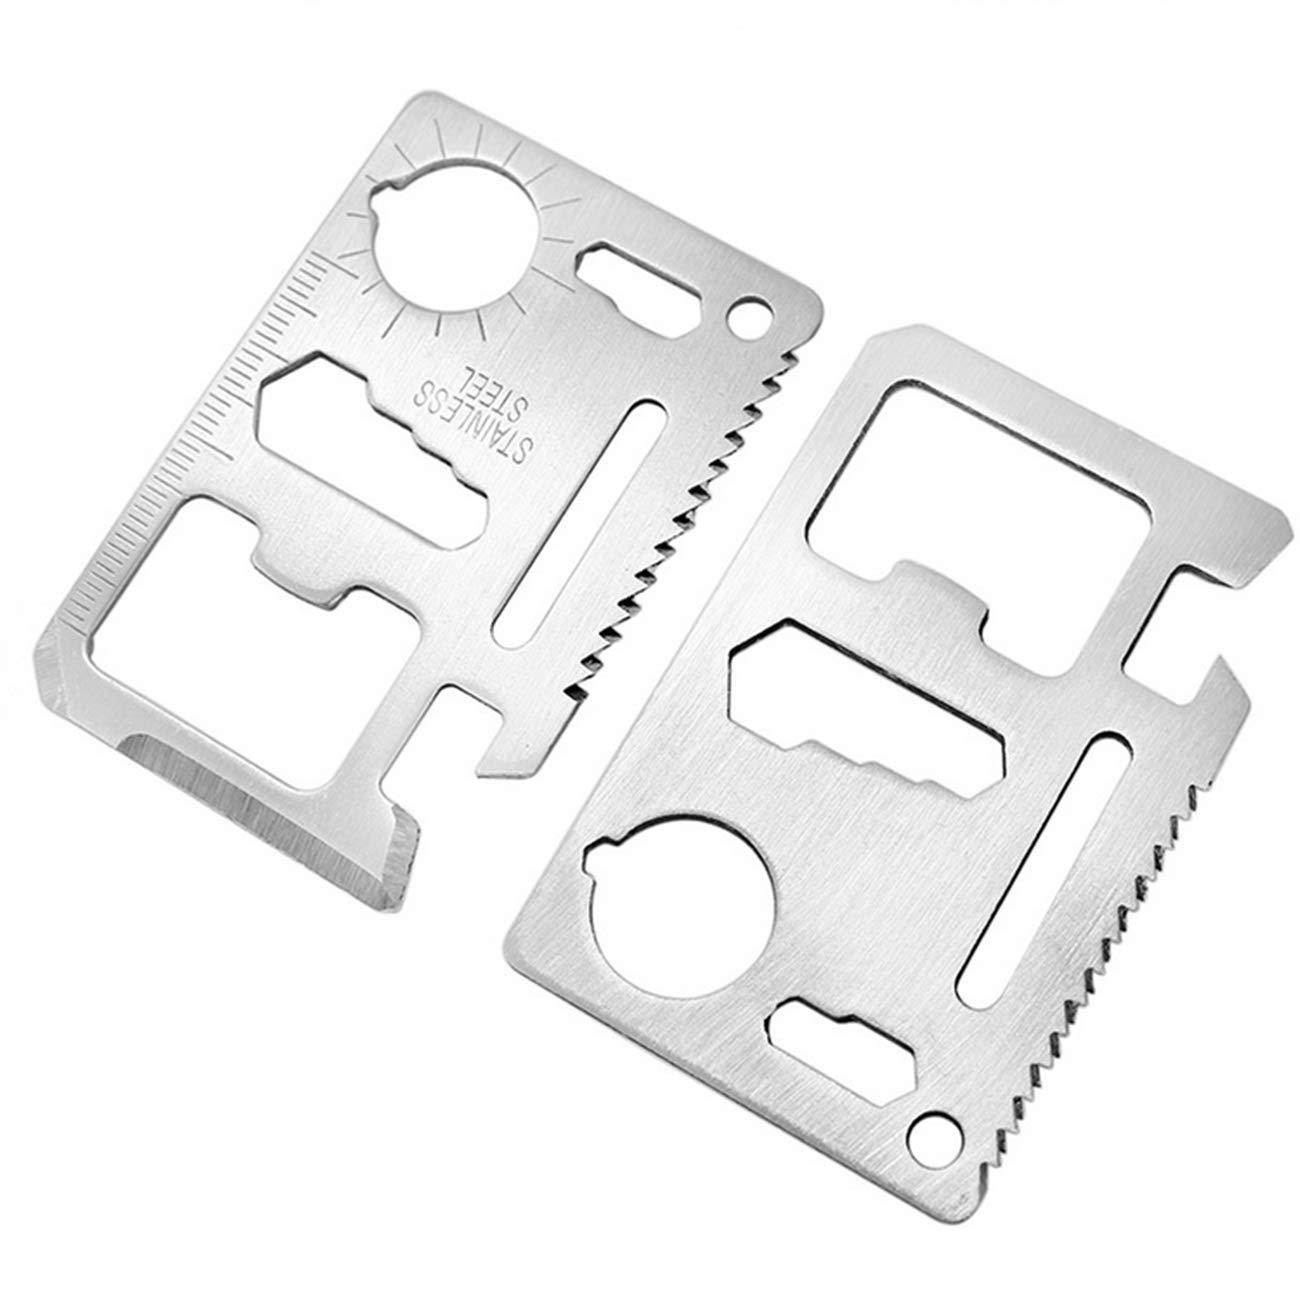 Miếng Thép Đa Năng 11 Công Dụng Thẻ Phượt Đa Năng - Steel Credit Card Survival Tool